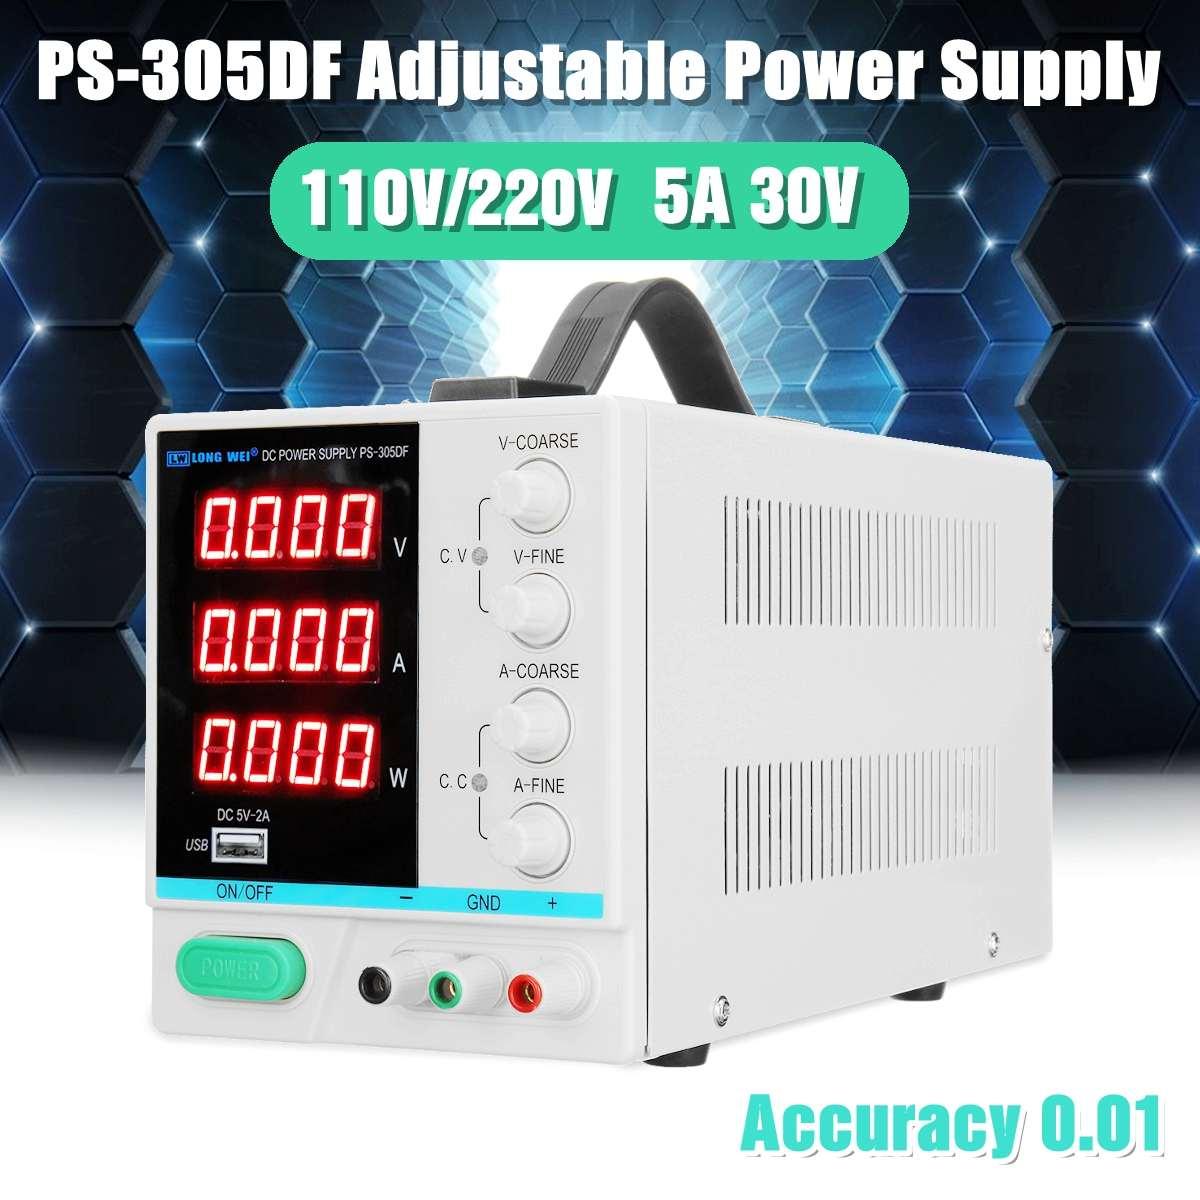 2019 New 5A 30V 110V/220V LED DC Power Supply Adjustable Precision Variable Digital Lab Voltage Regulators2019 New 5A 30V 110V/220V LED DC Power Supply Adjustable Precision Variable Digital Lab Voltage Regulators